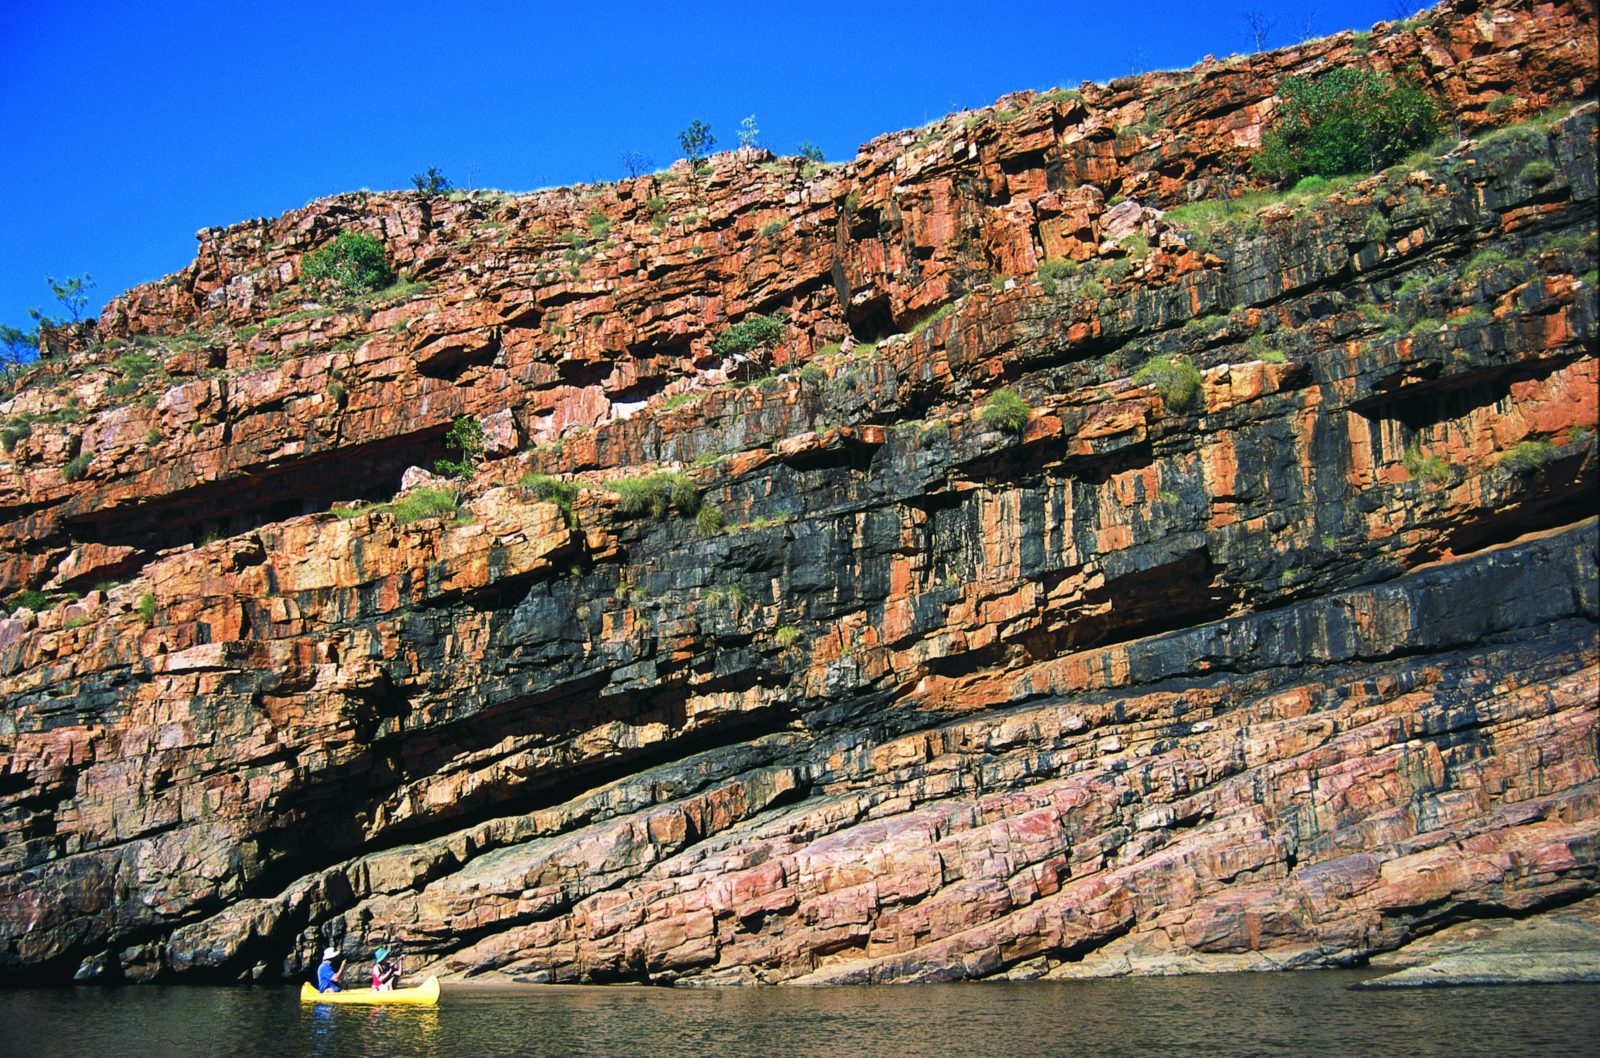 Dimond Gorge, Derby, Western Australia